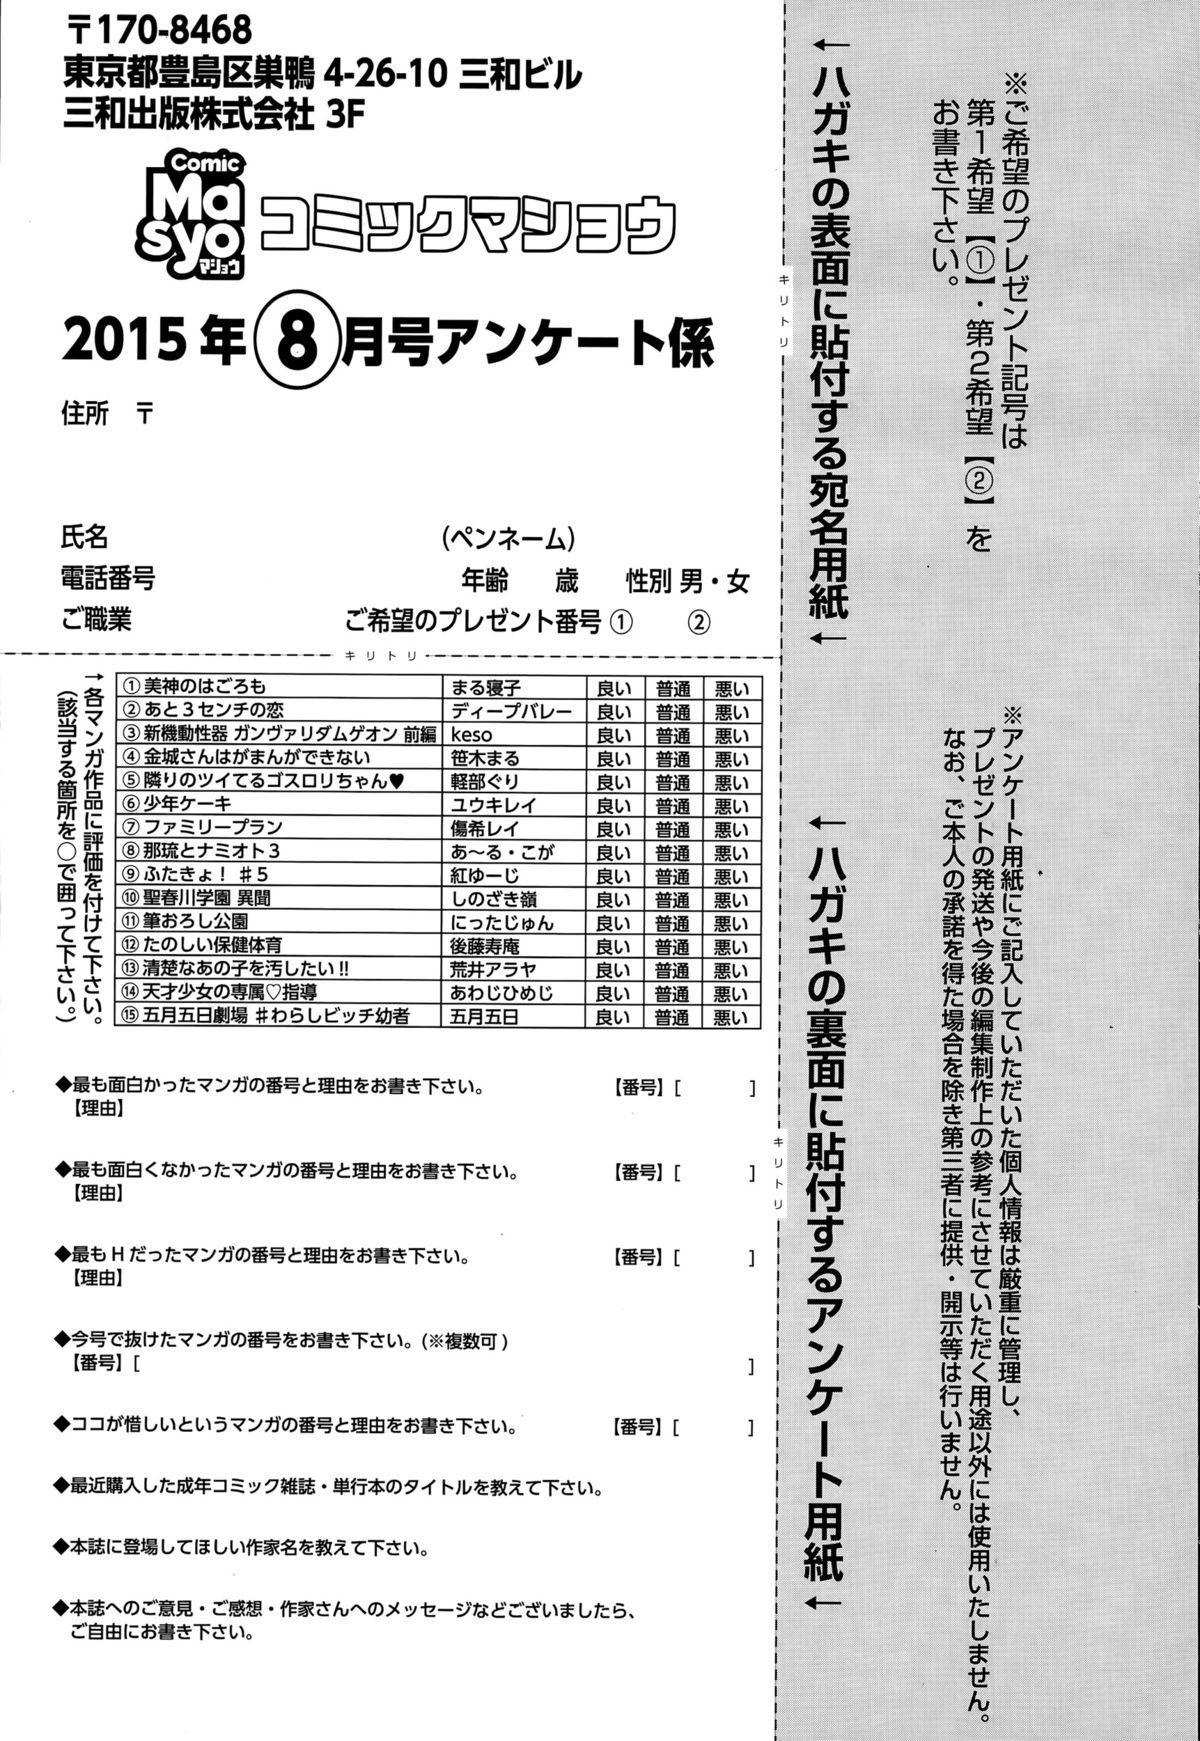 COMIC Masyo 2015-08 288